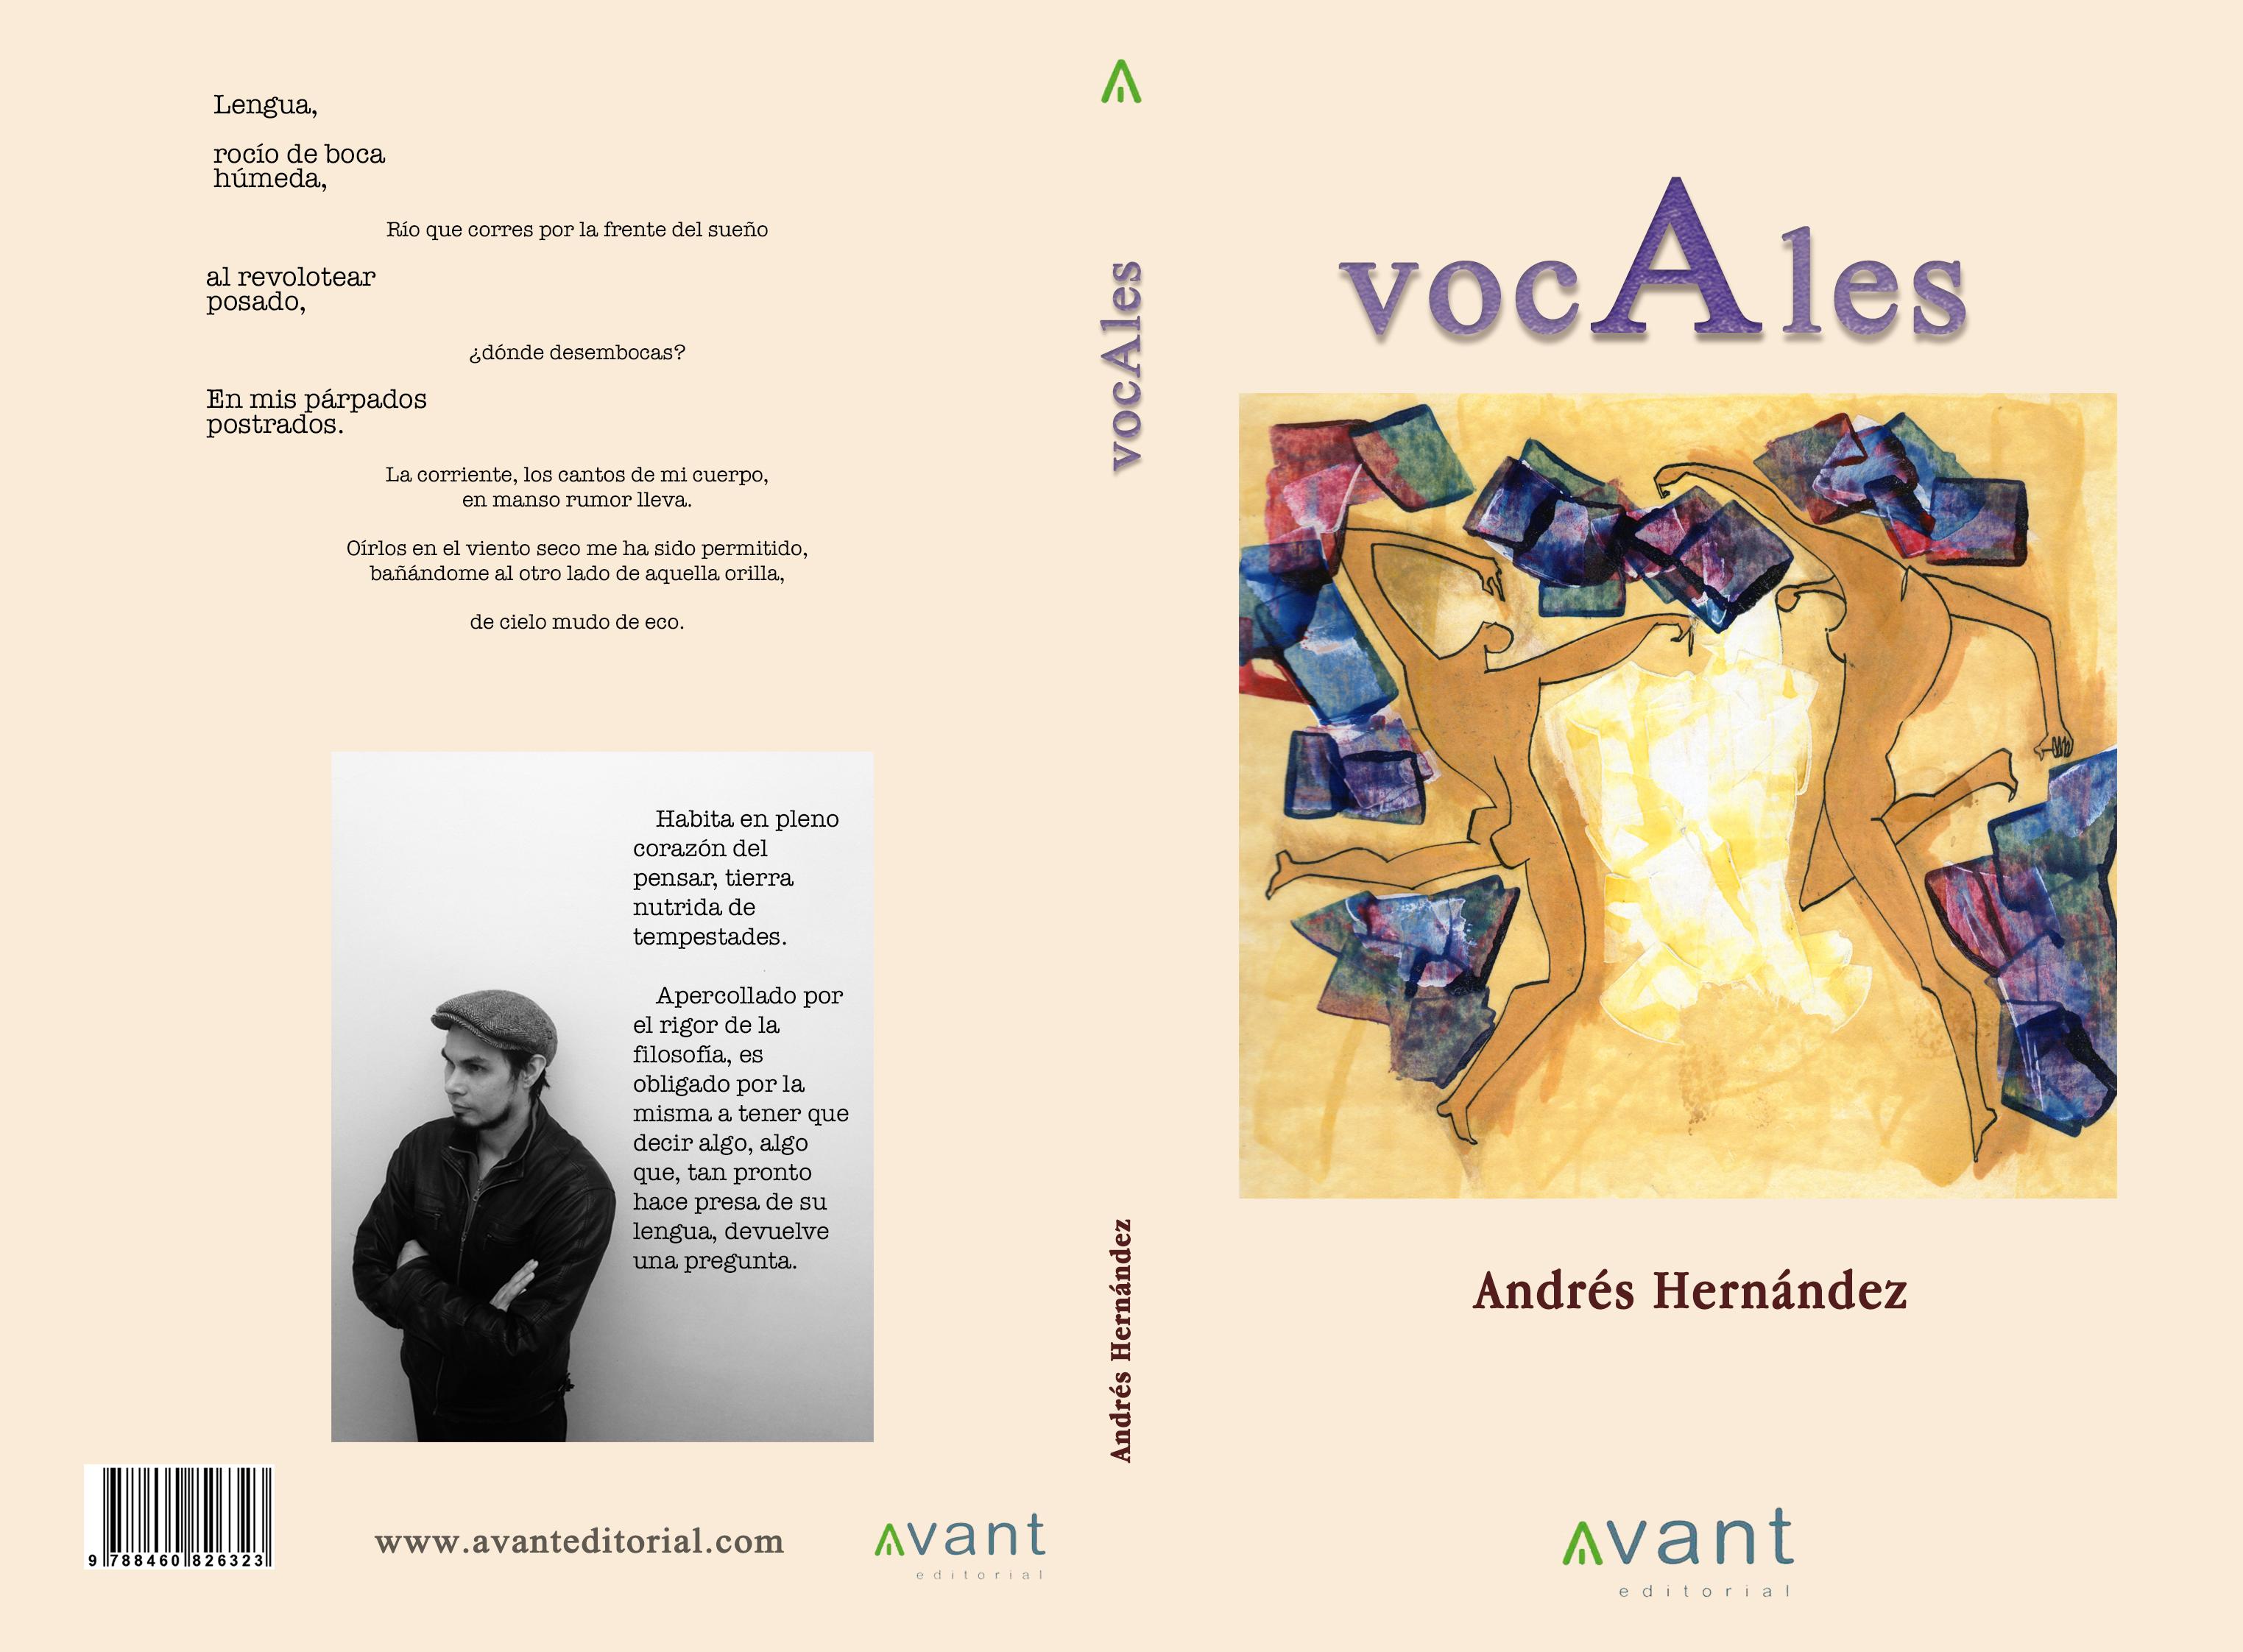 Poesia De Las Vocales: La Poesía De Andrés Hernández: VocAles